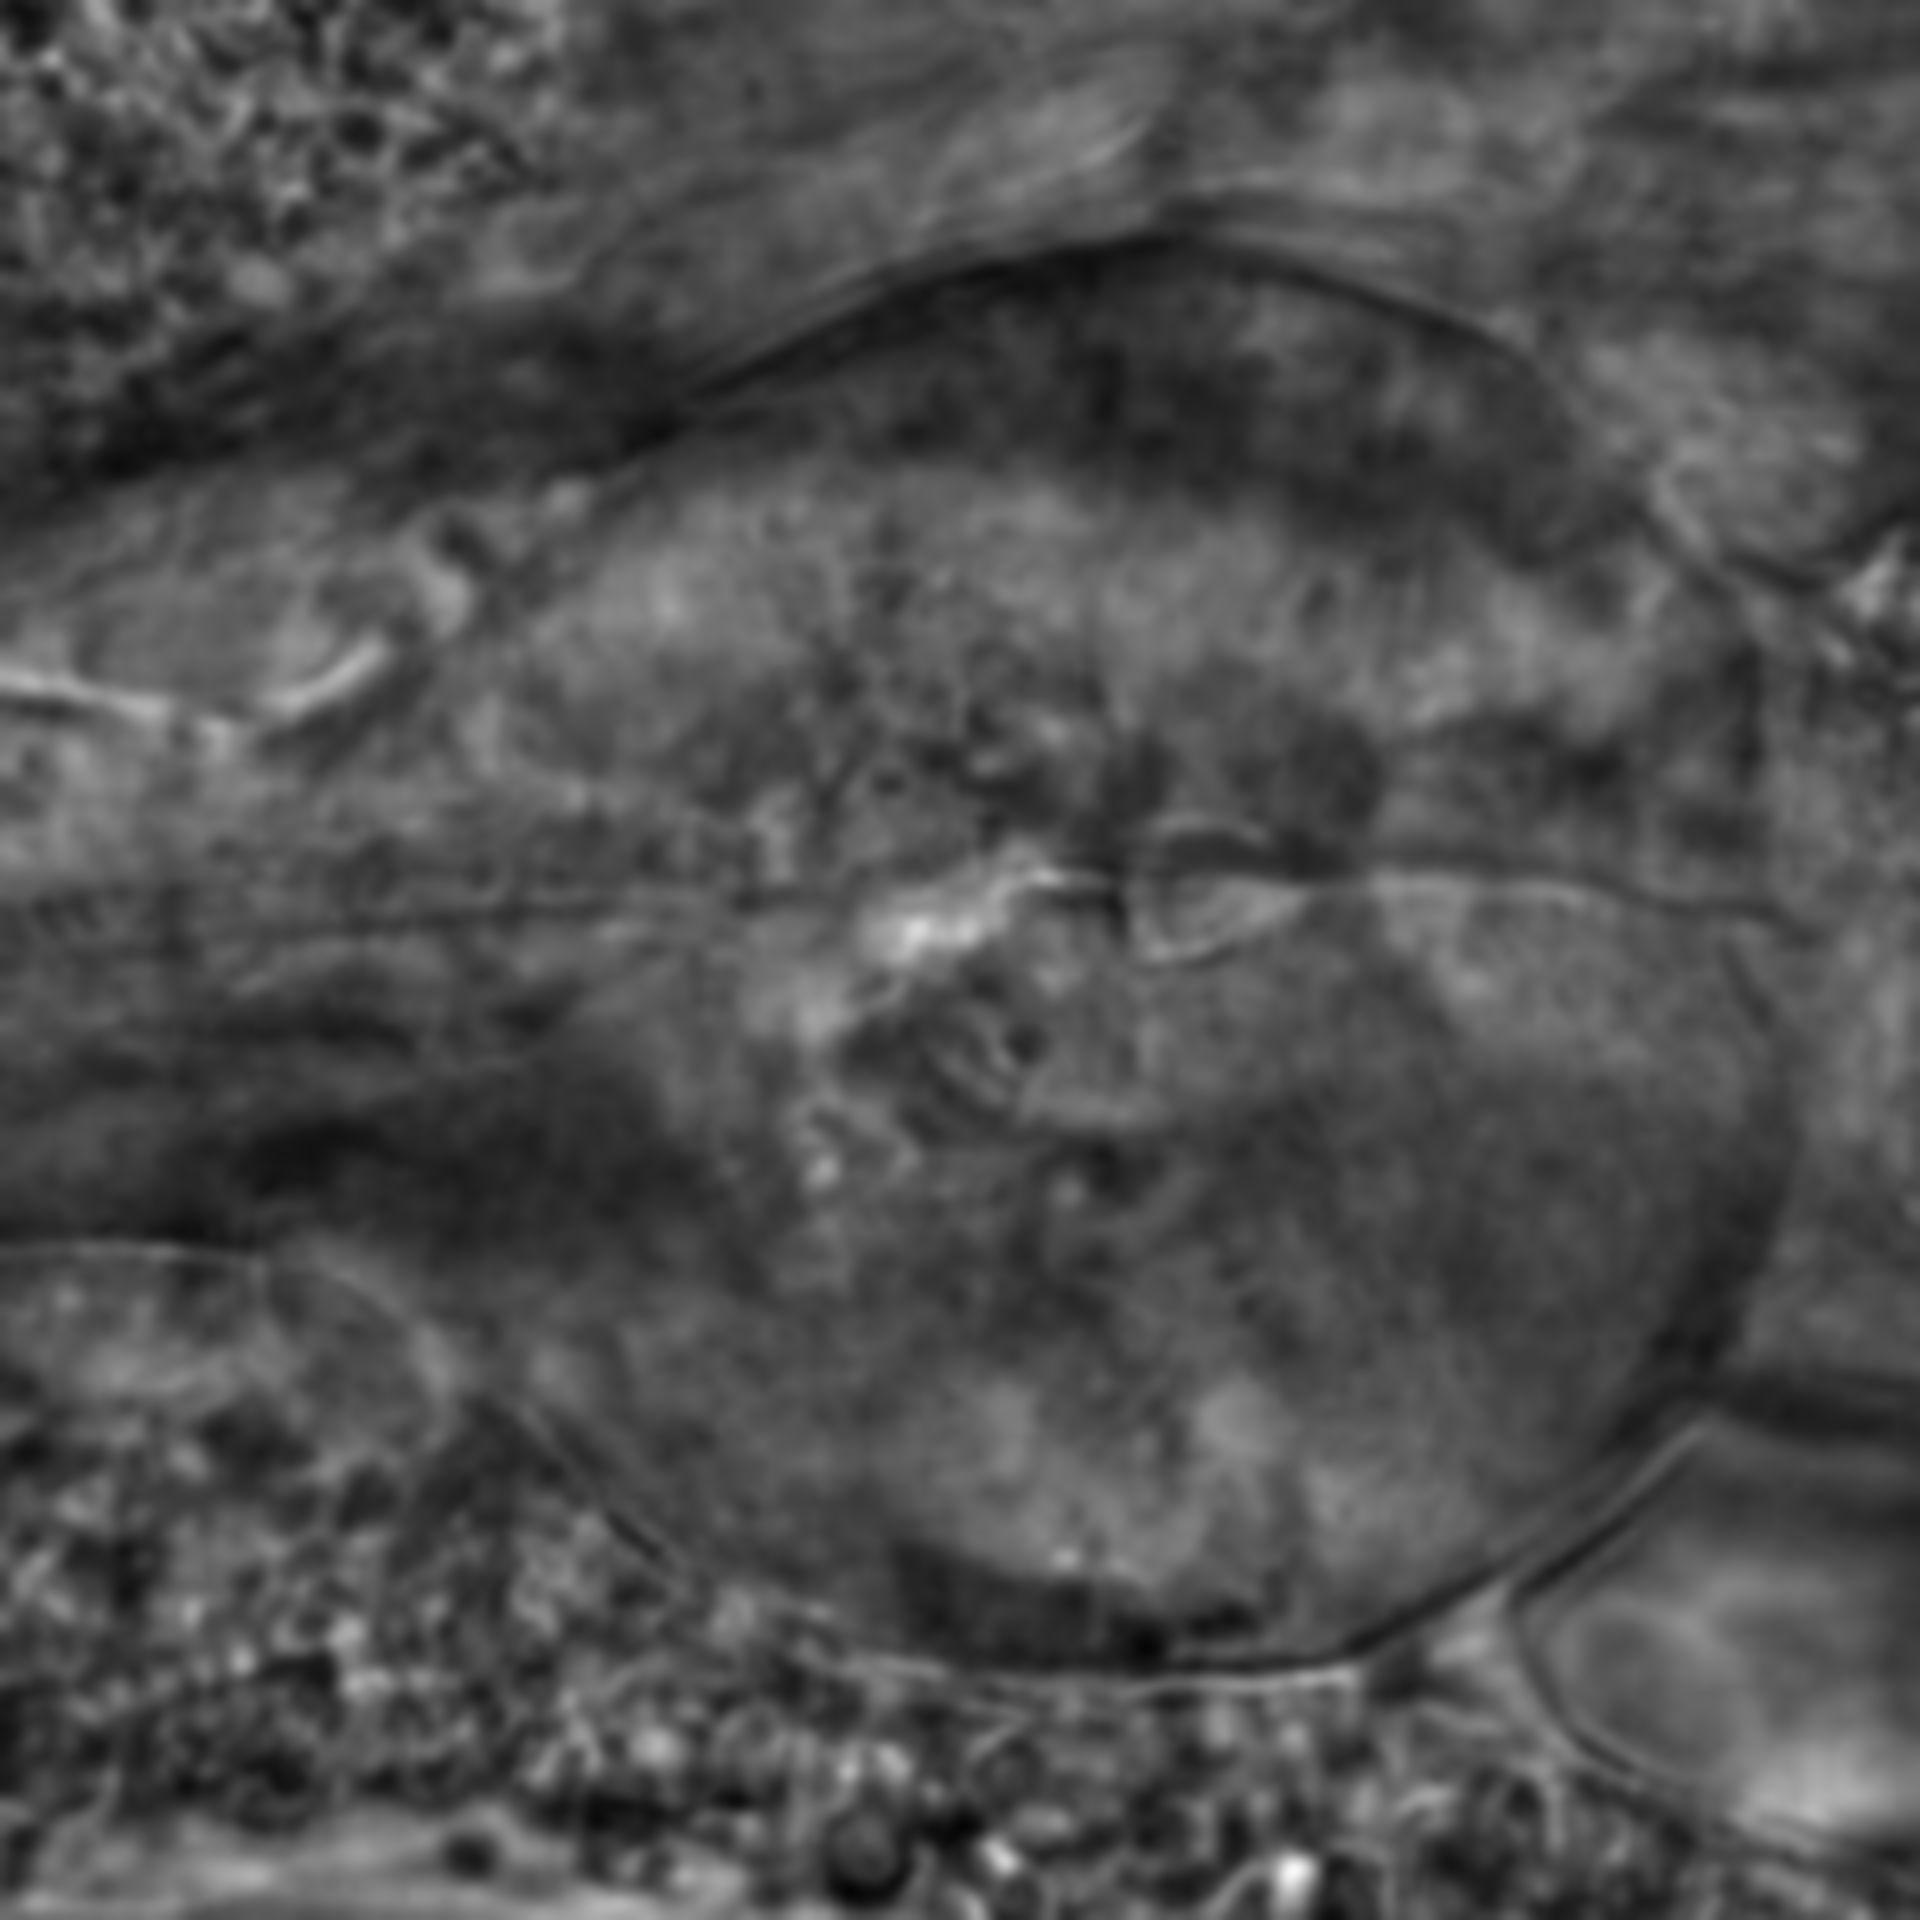 Caenorhabditis elegans - CIL:1974